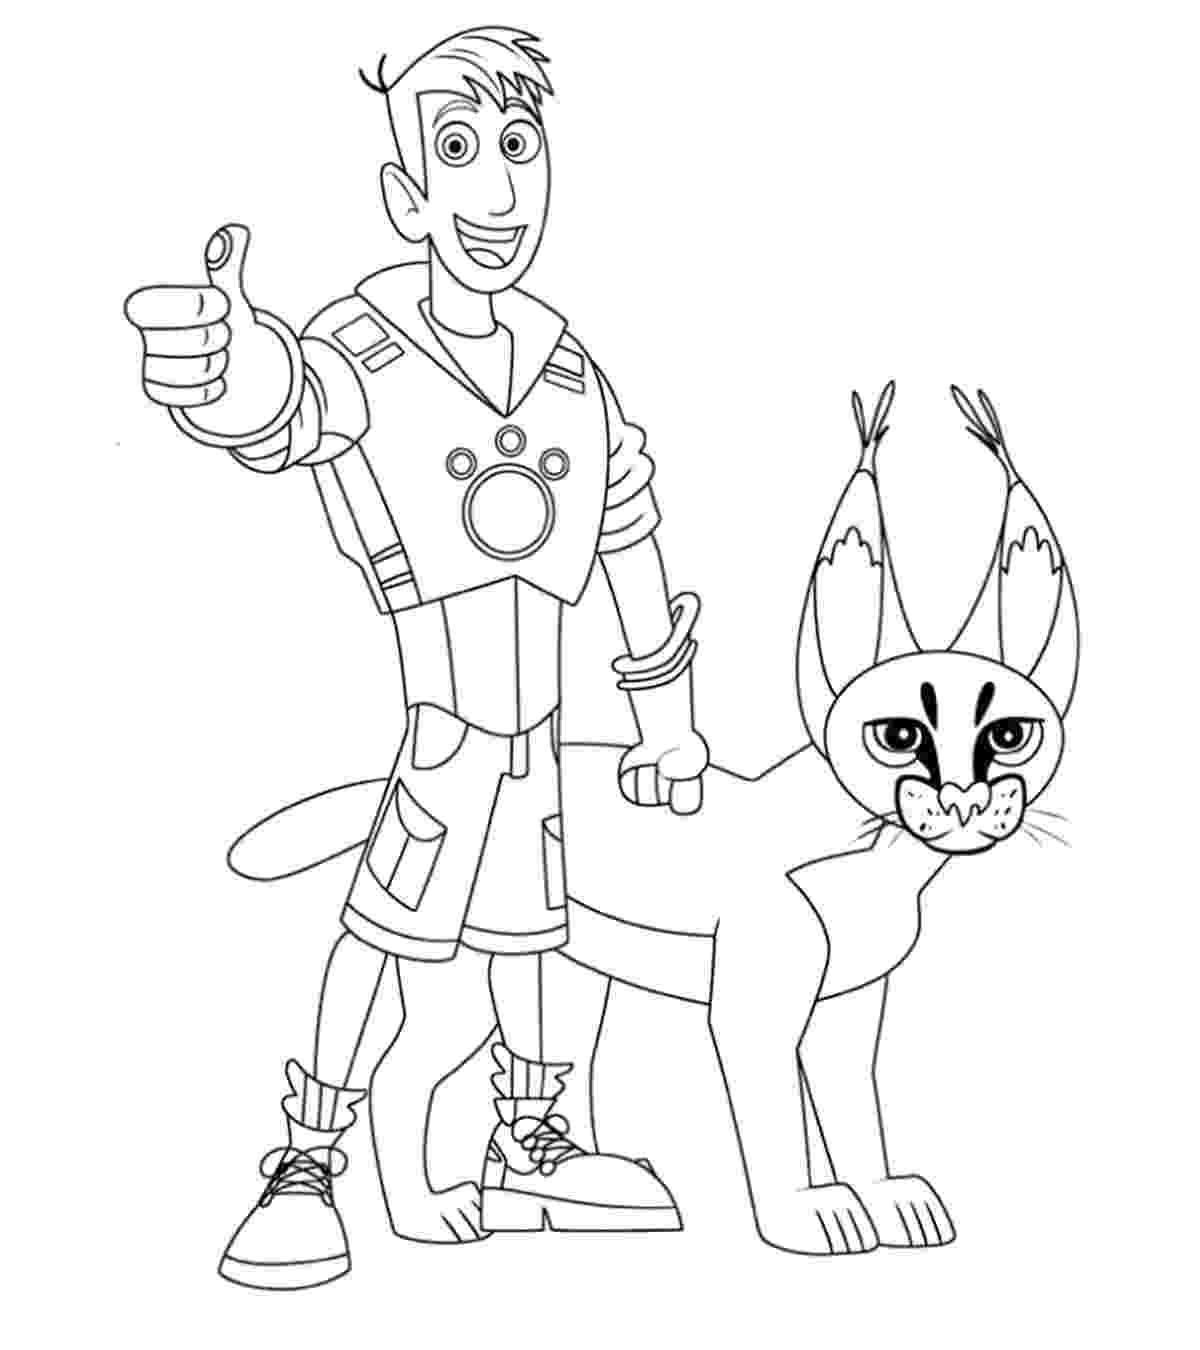 wild kratts coloring book wild kratts coloring pages best coloring pages for kids wild kratts coloring book